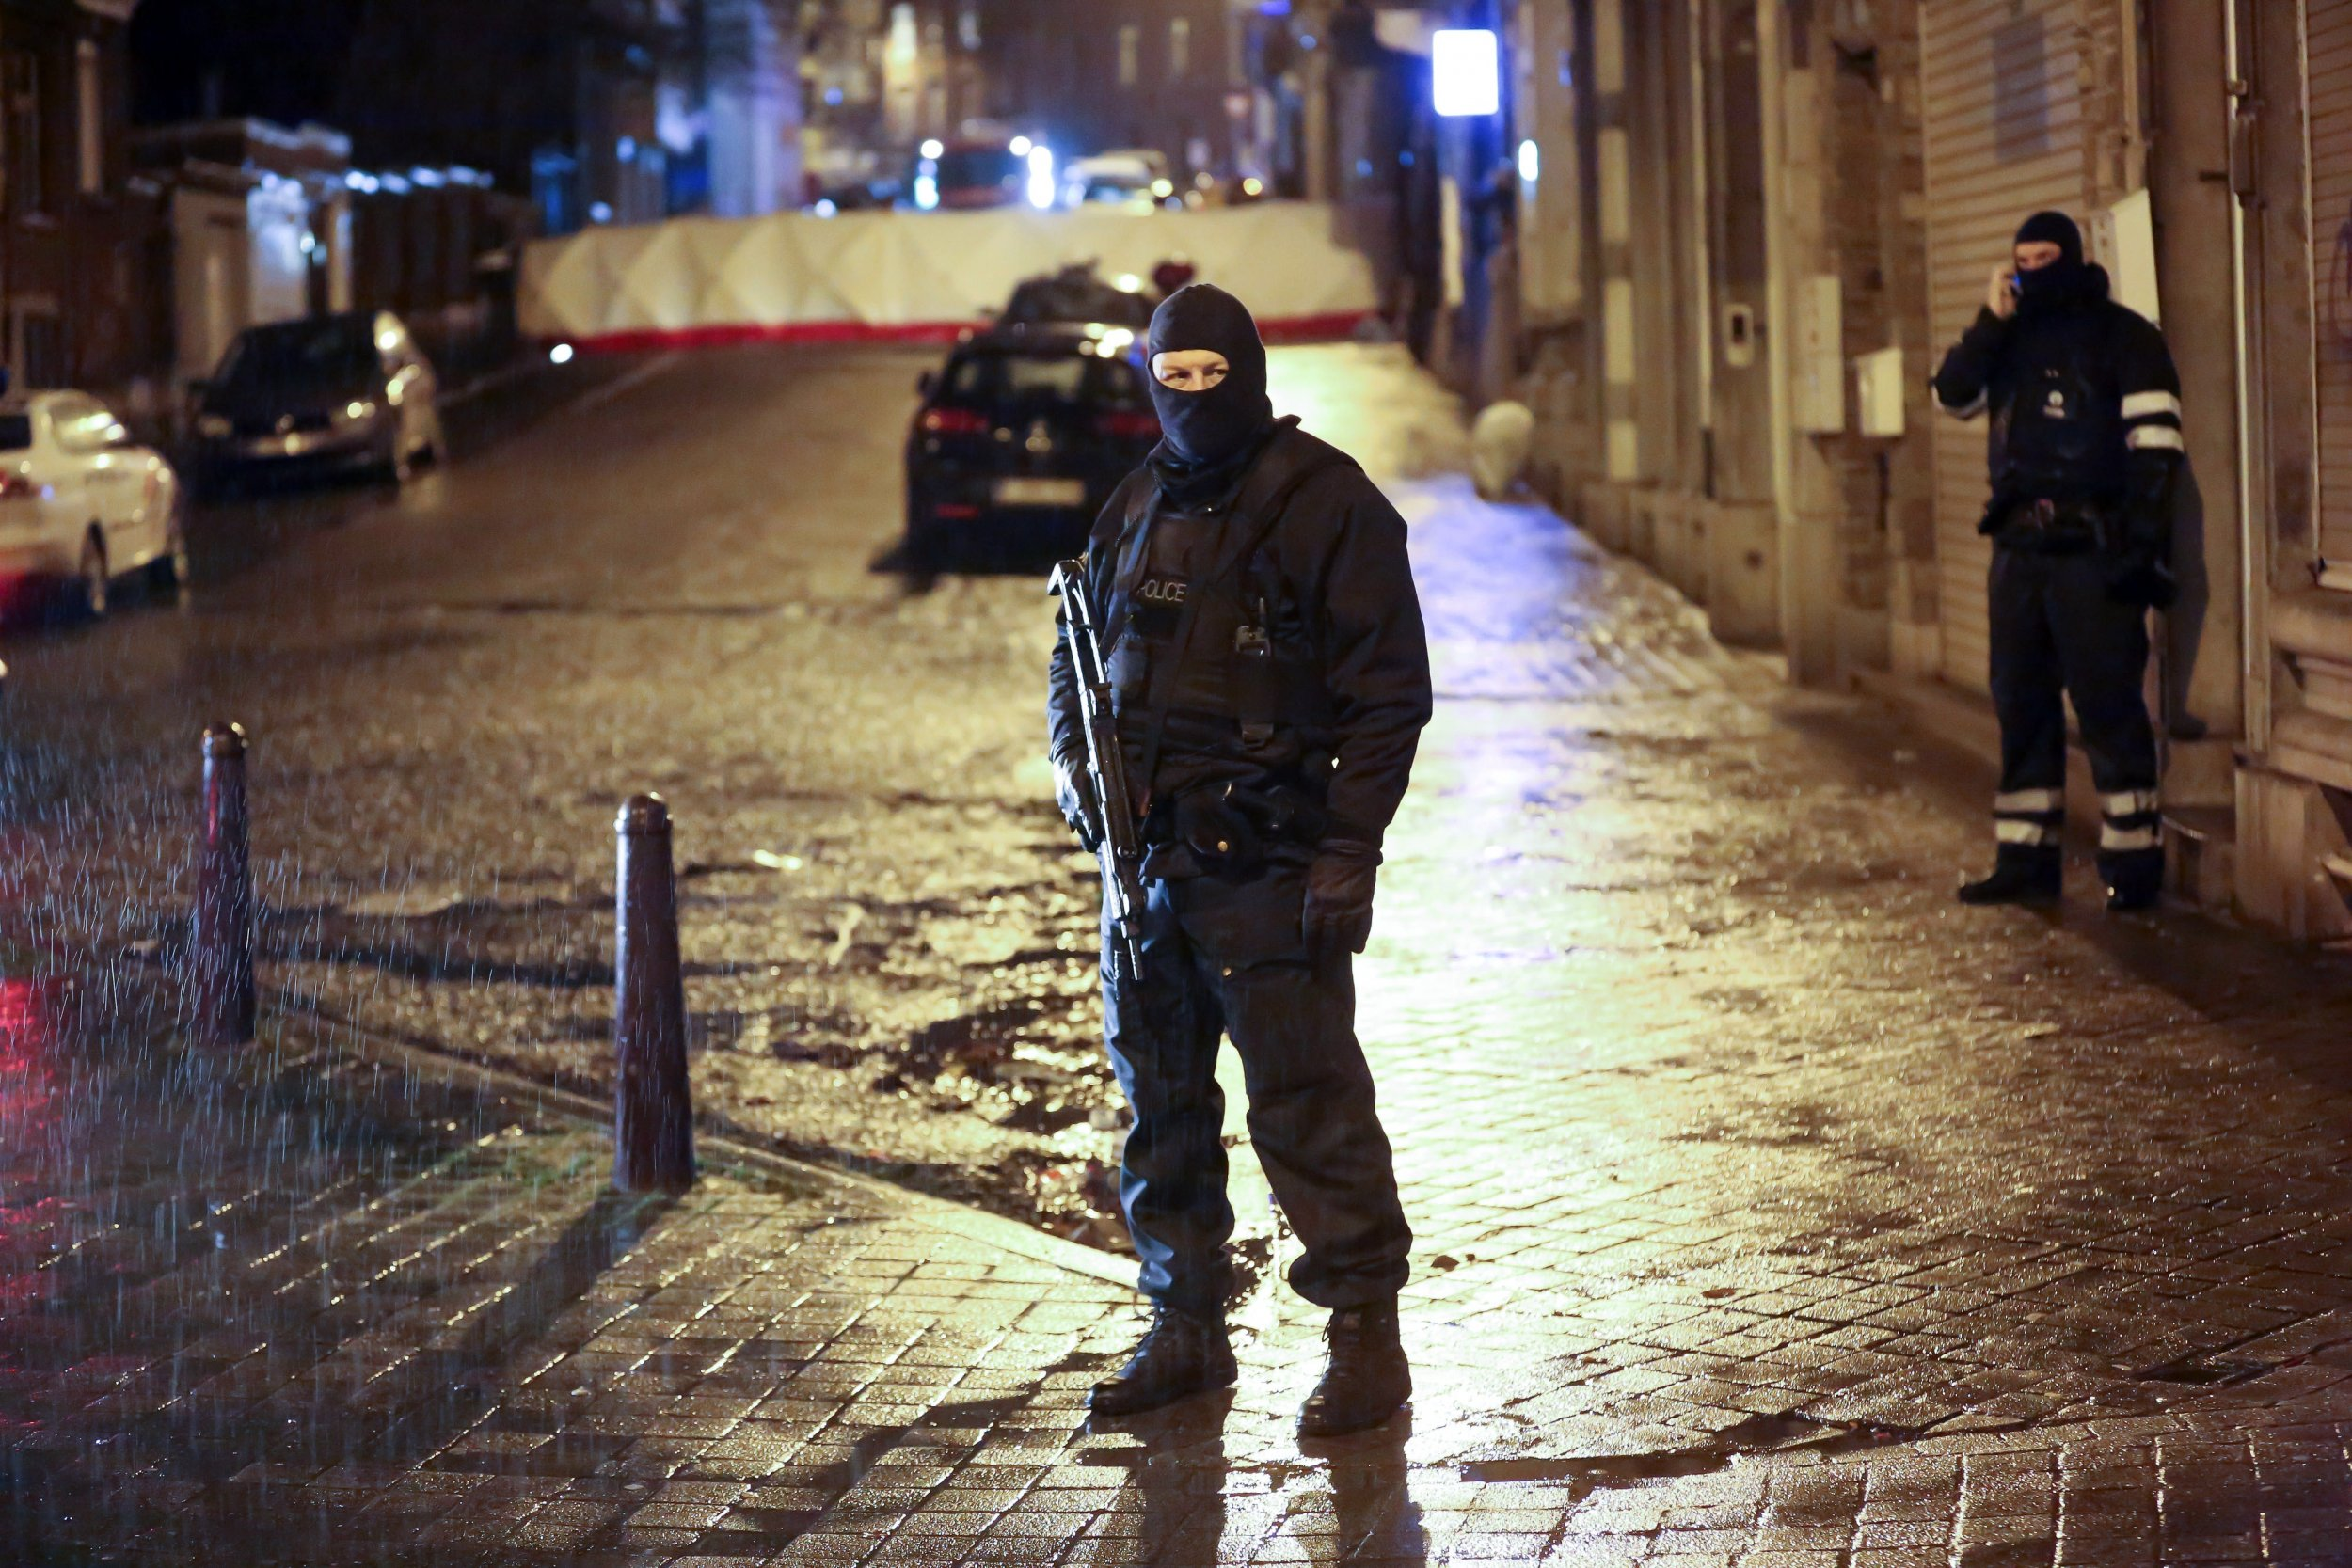 Belgian police in Verviers